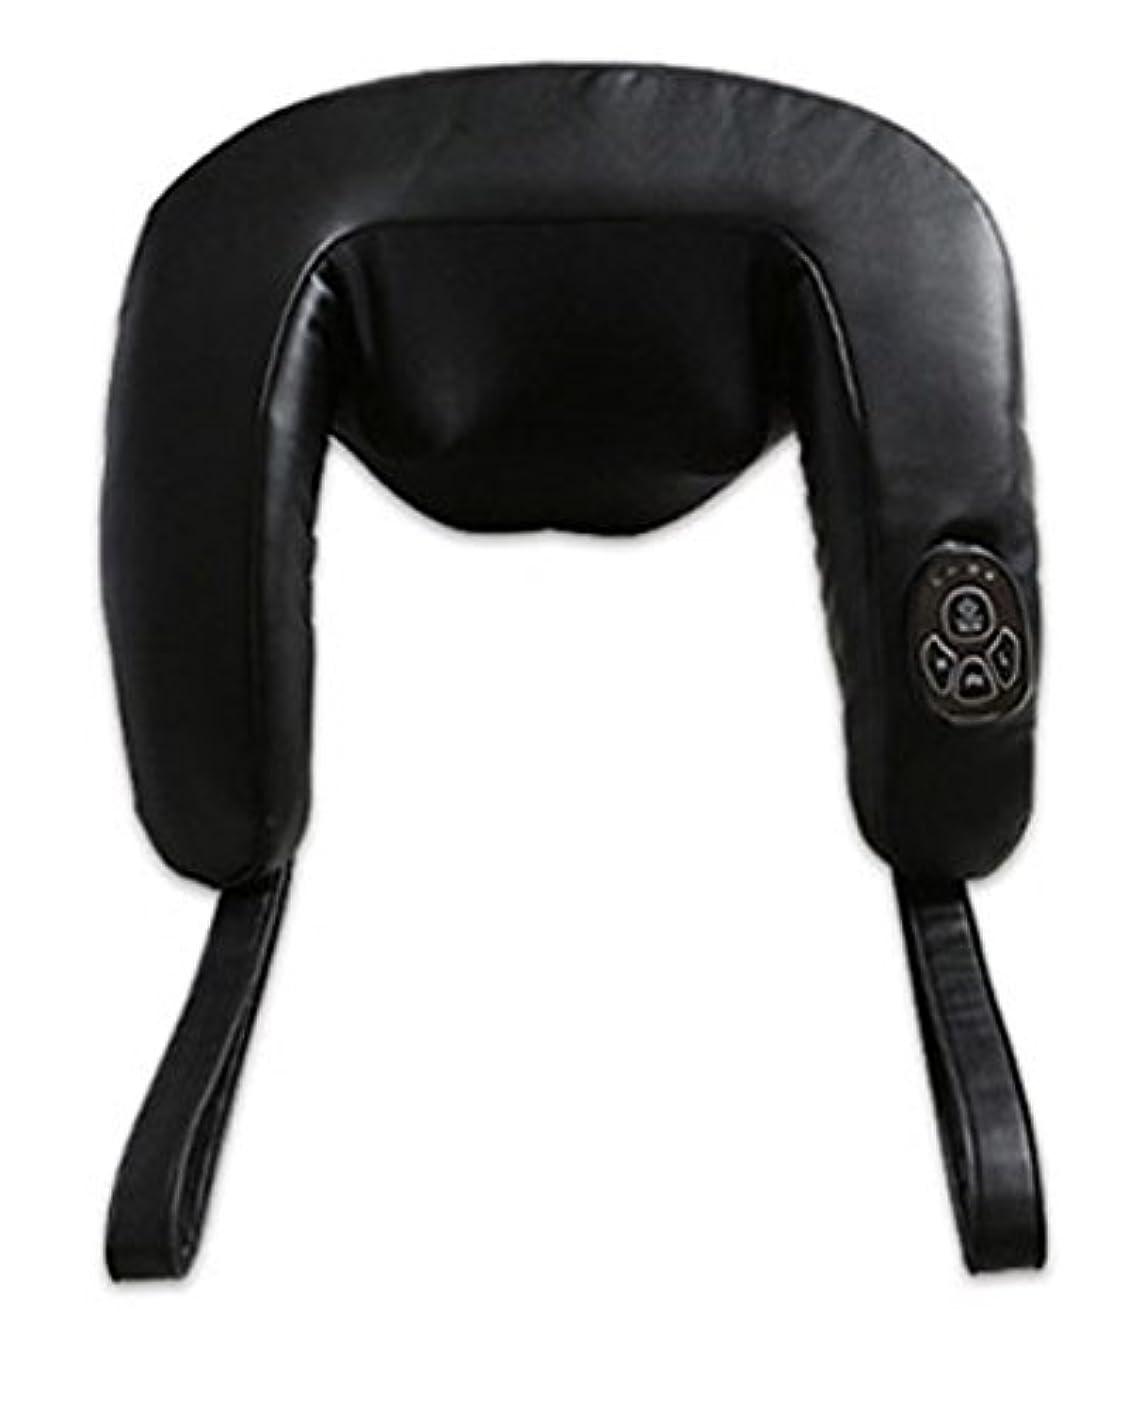 刺激する内部まとめる[ジェスパ] ZESPA ZP7073 パワームービング 首肩マッサージャー マッサージ機 有線 つかみもみ ネック リラックス 肩もみ 首もみ コリ 肩 もみたいむ 腰 ふくらはぎ 肩 太もも 100-240V 海外直送品 (Neck Shoulder Back Feet Leg Shiatsu Electric Roll Massager Deep Kneading for Home Office Car Home Healthcare)